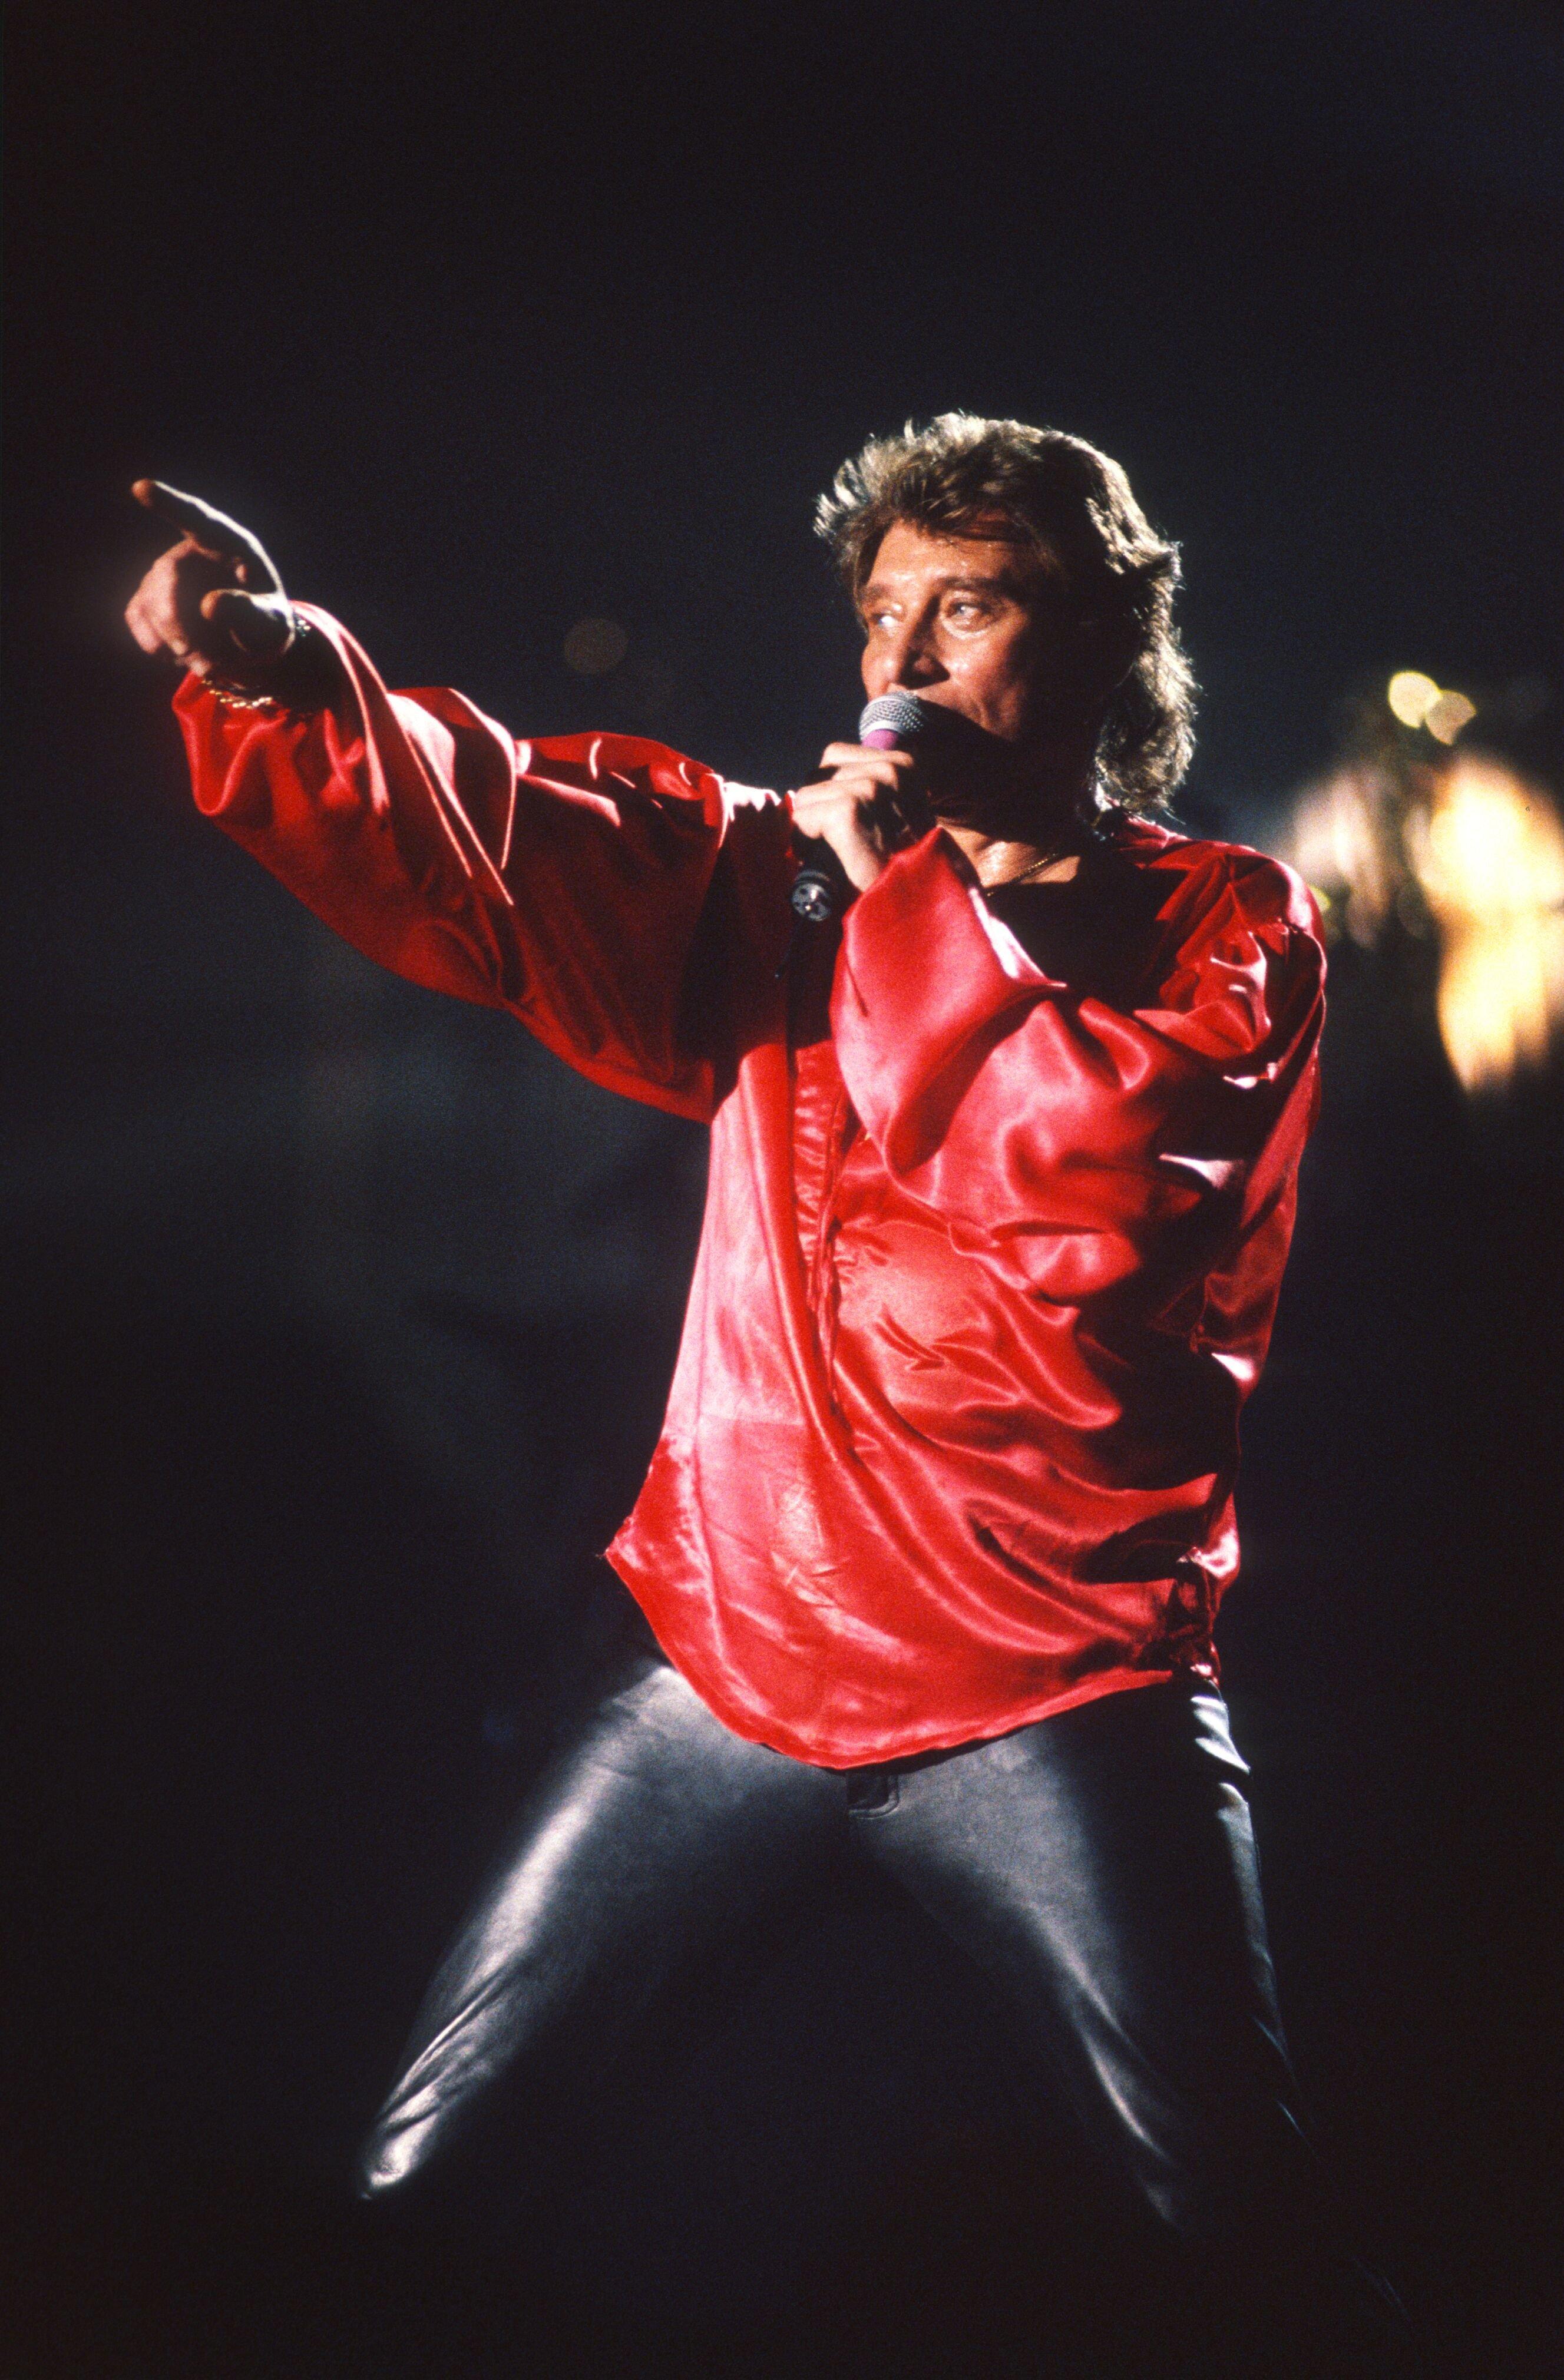 Le légendaire Johnny Hallyday en concert. l Source : Getty Images